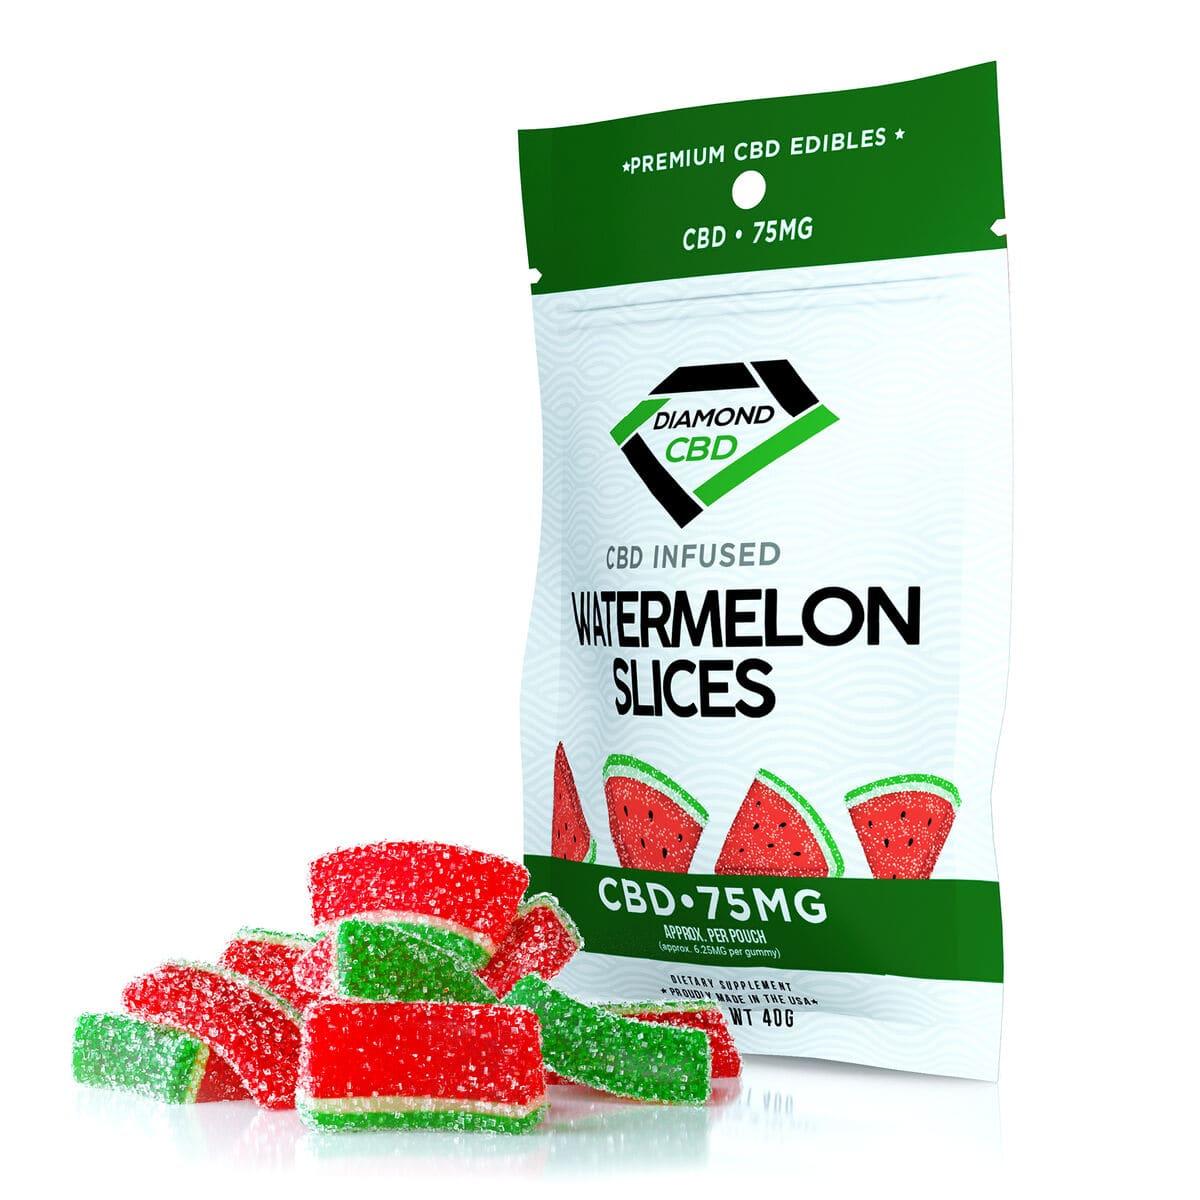 diamond-cbd-gummies-infused-watermelon-slices-75mg_0 (1)